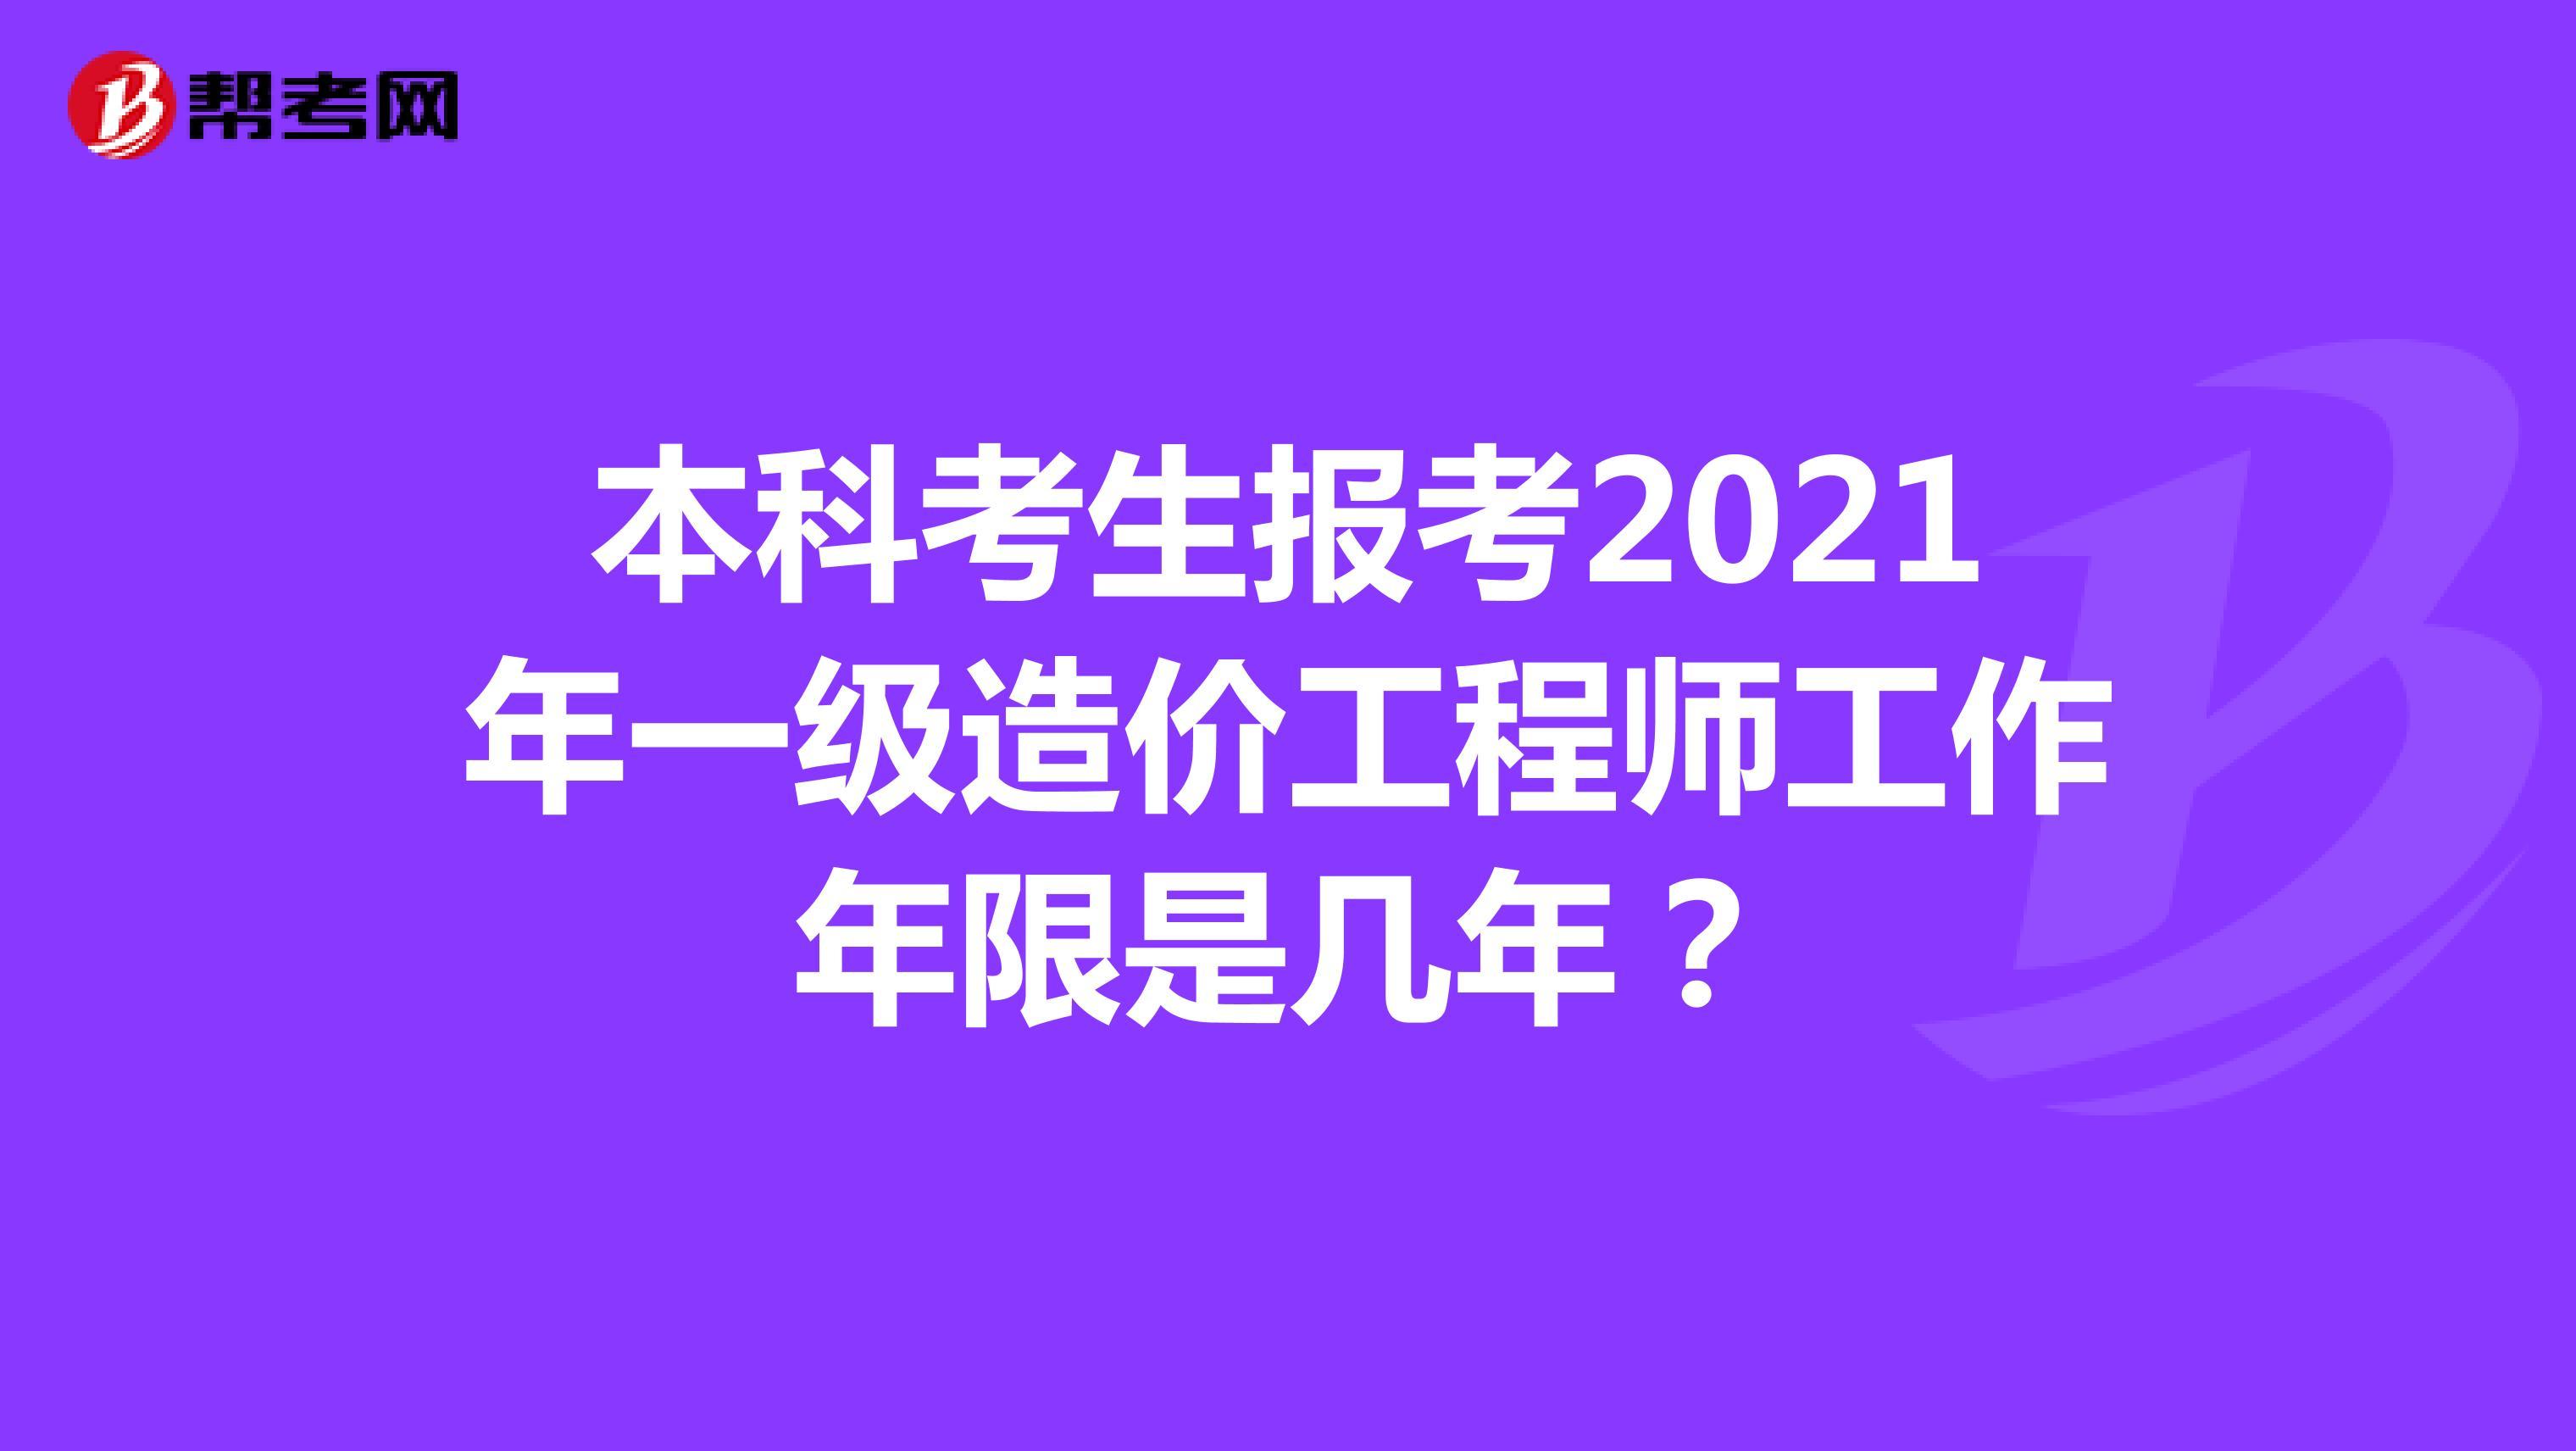 本科考生报考2021年一级造价工程师工作年限是几年?